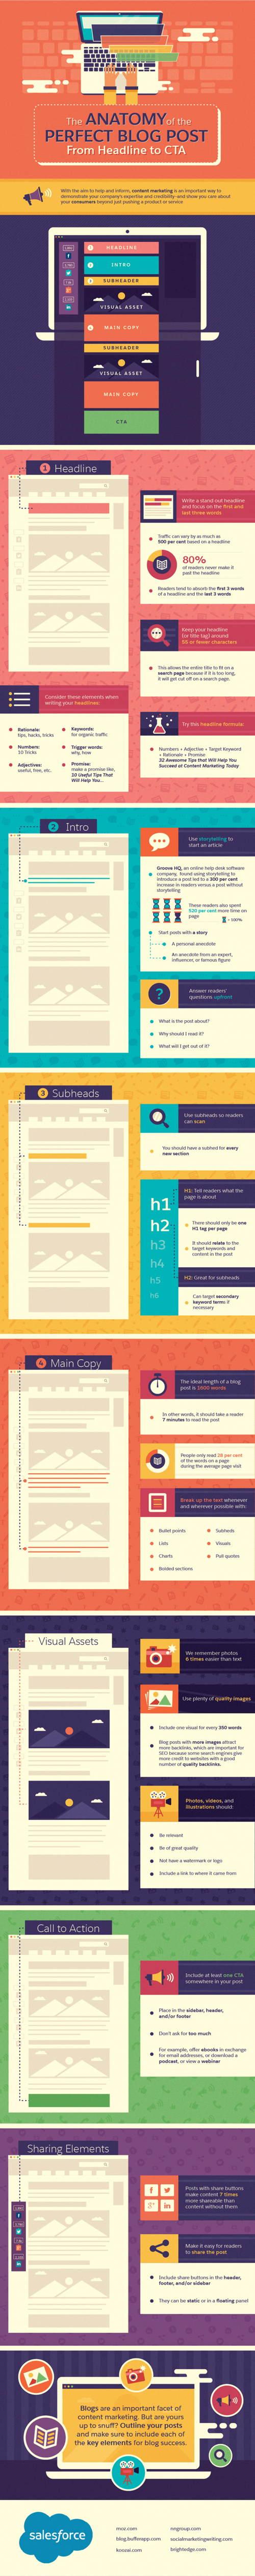 aspectos SEO para un contenido optimizado infografia